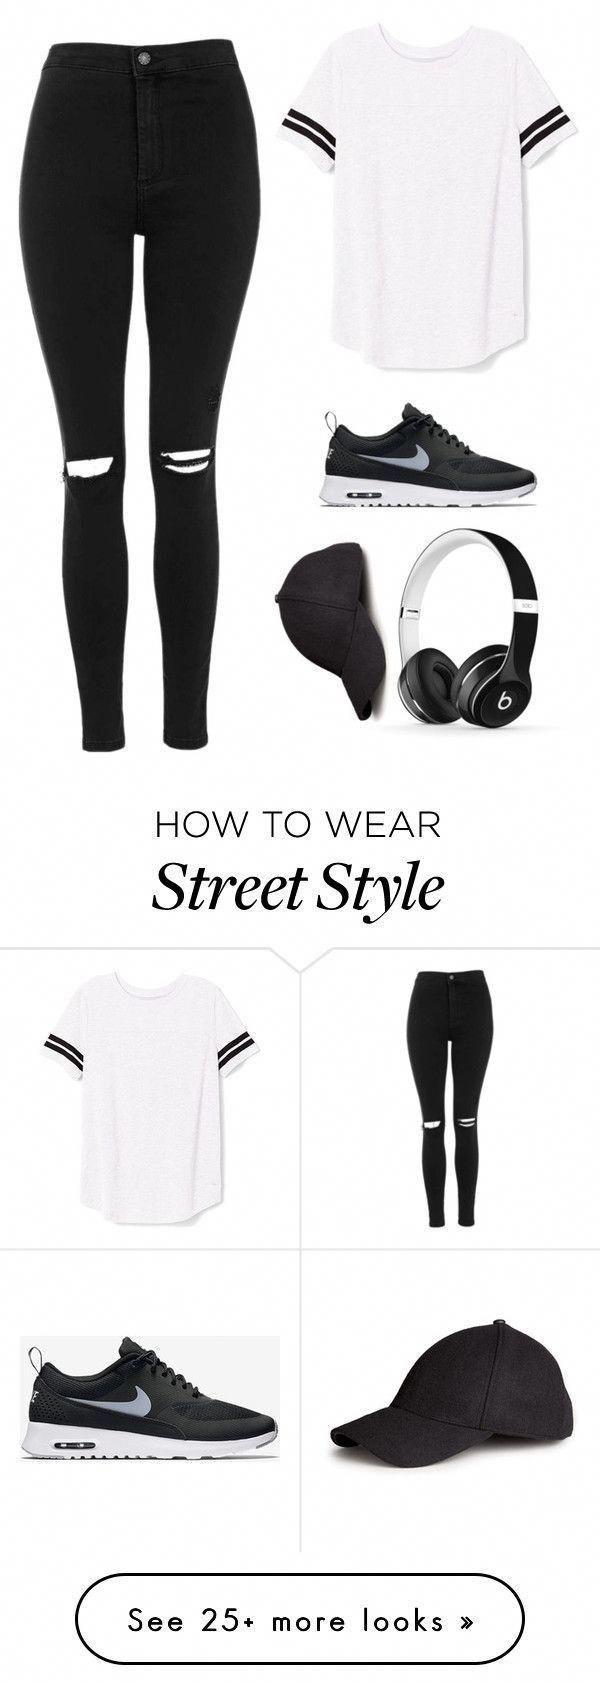 weißes Hemd, schwarze zerrissene Jeans, schwarze Mütze, schwarze Läufer #jeans #laufer #mutze #schwarze #zerrissene